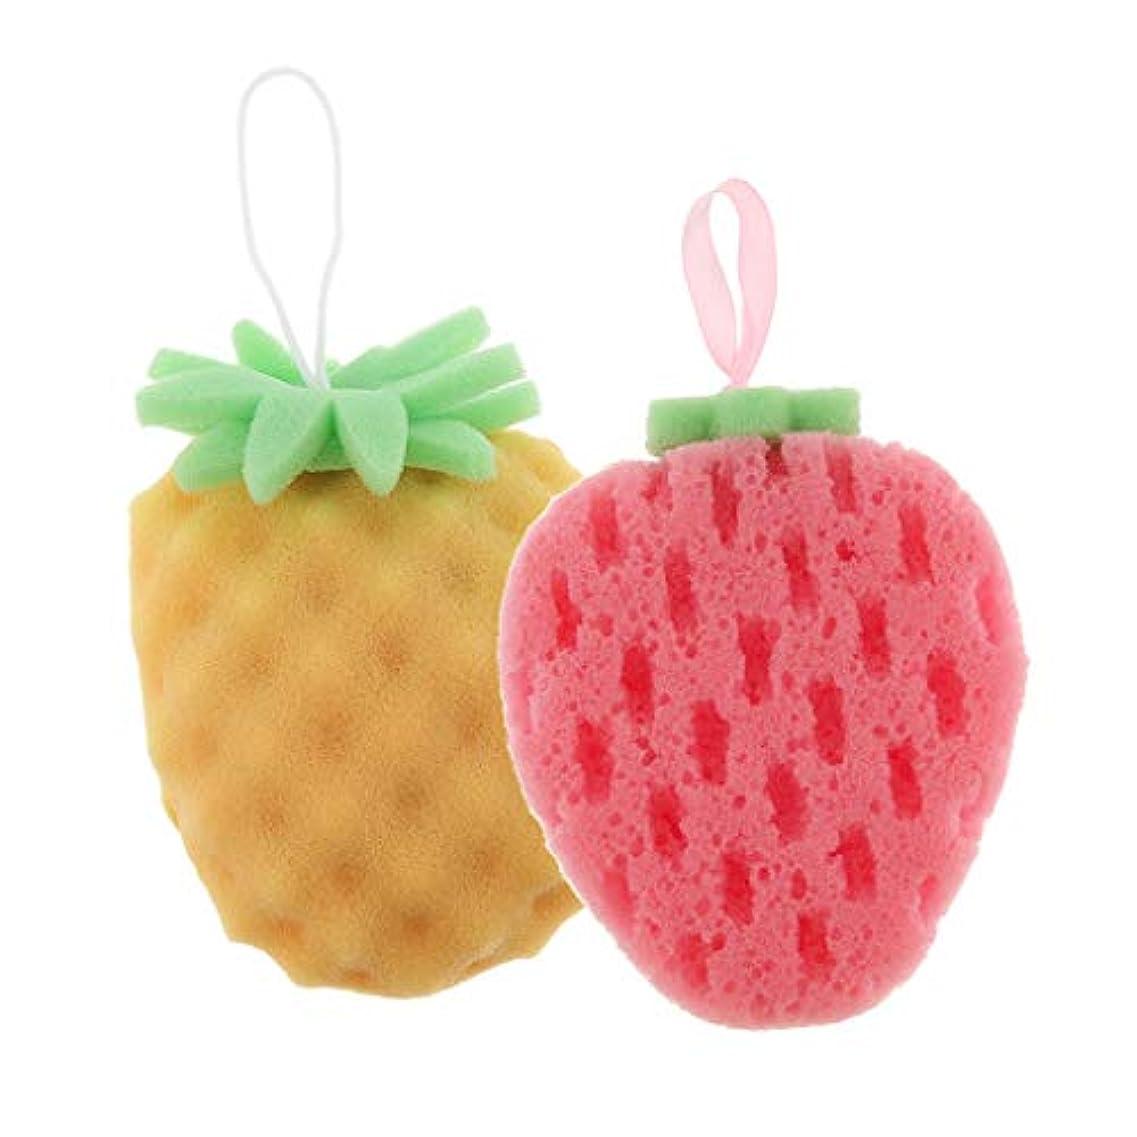 凍るデンマーク語ジムBaoblaze 2個 バススポンジ ボディスポンジ 可愛い フルーツ 果物の形 子供 お風呂